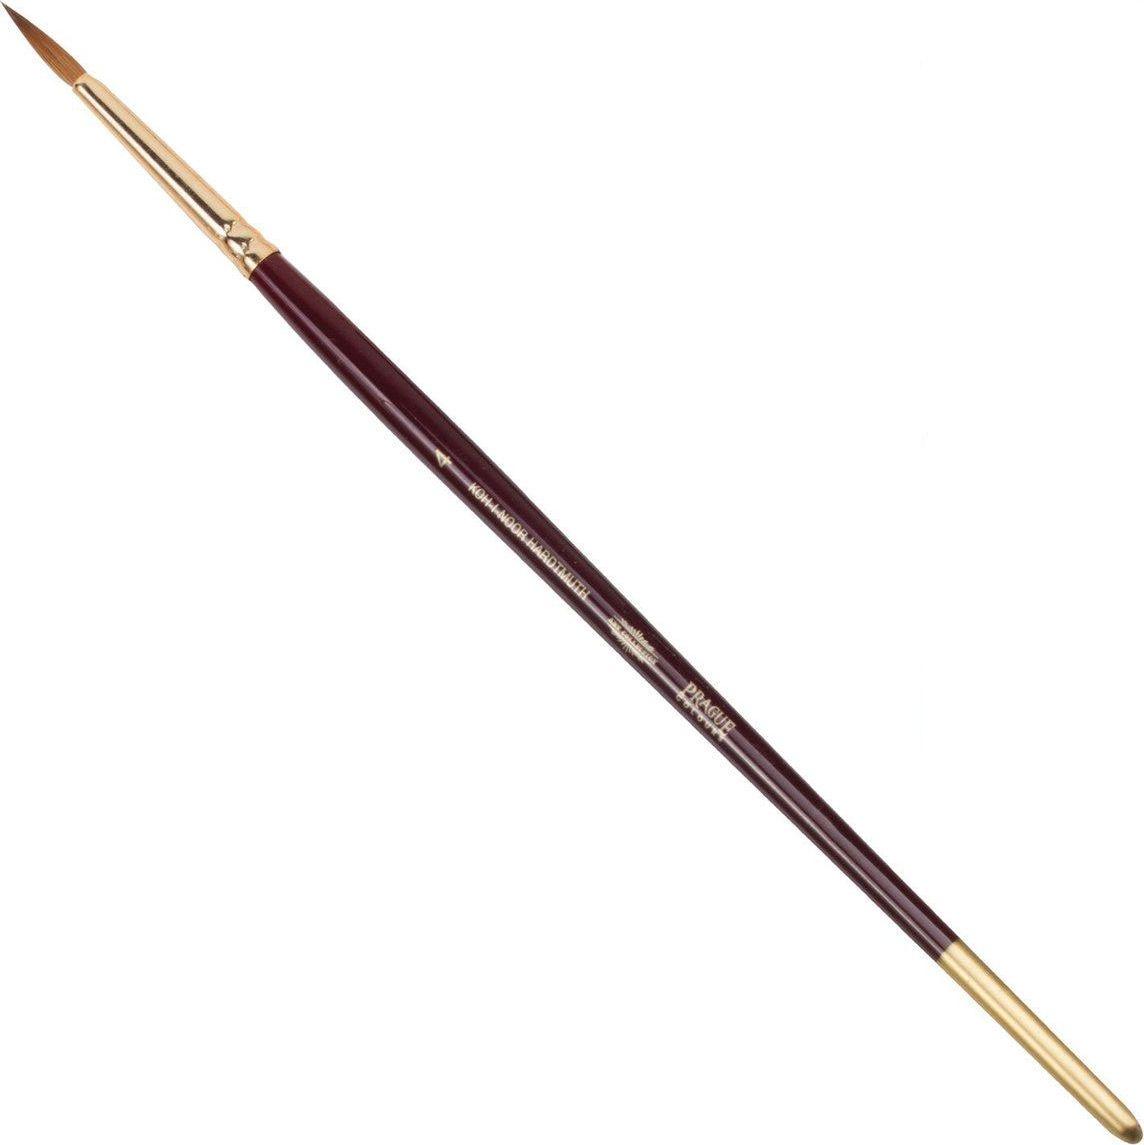 Koh-I-Noor Кисть колонок круглая №4 короткая ручка200386Высококачественная кисть из натурального волоса колонка. Волос прекрасно сохраняет форму, не ломается, впитывает влагу и хорошо моется под проточной струей воды. Подходит для акварели и индийских красок.